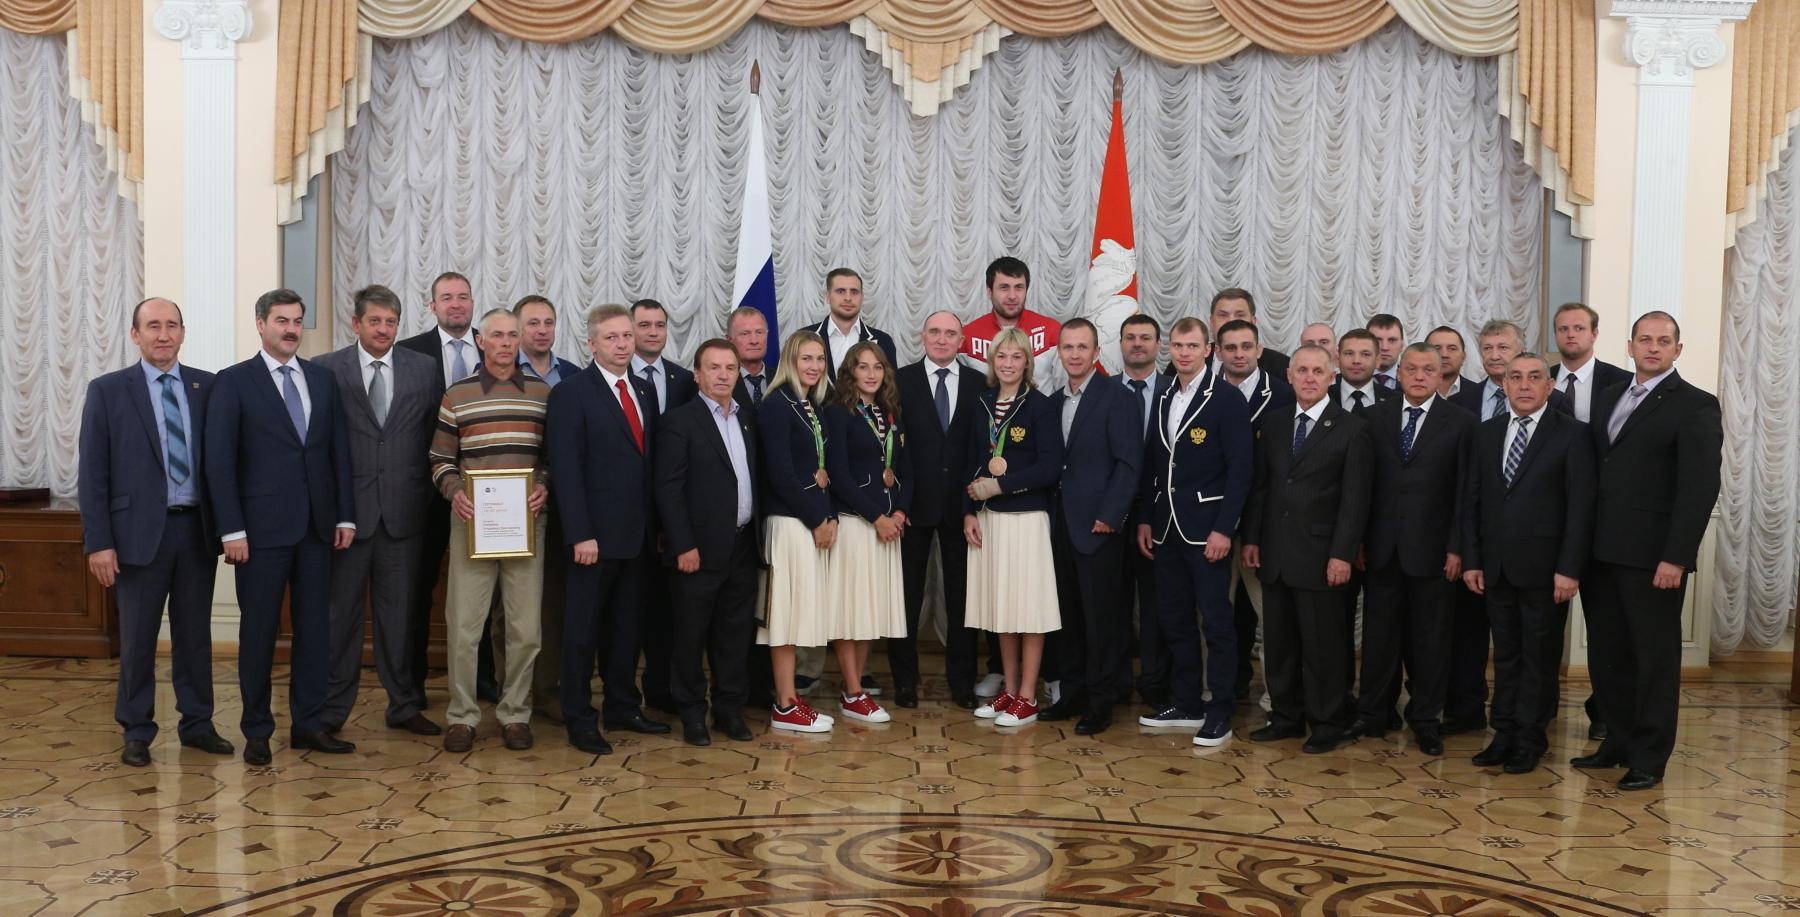 Южноуральские триумфаторы Олимпиады получили по500 тыс. руб. отруководства области